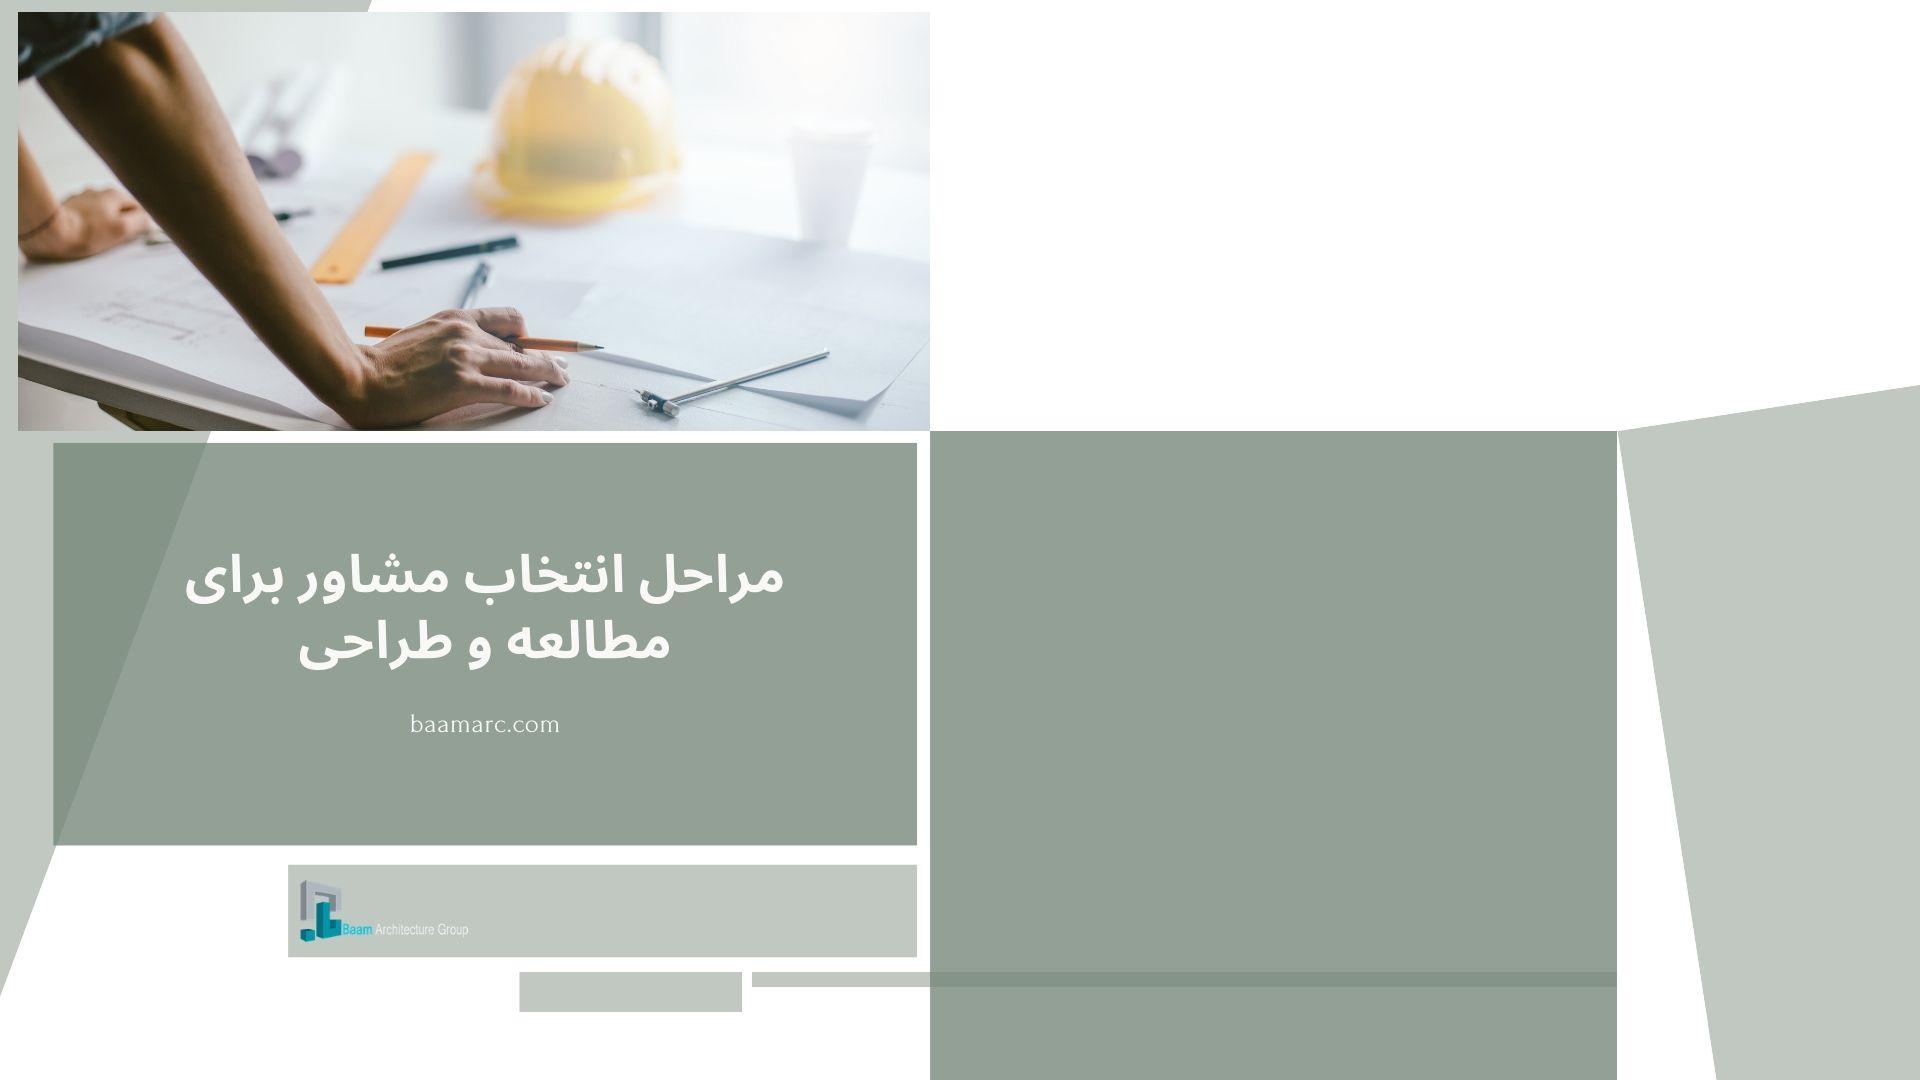 مراحل انتخاب مشاور برای مطالعه و طراحی